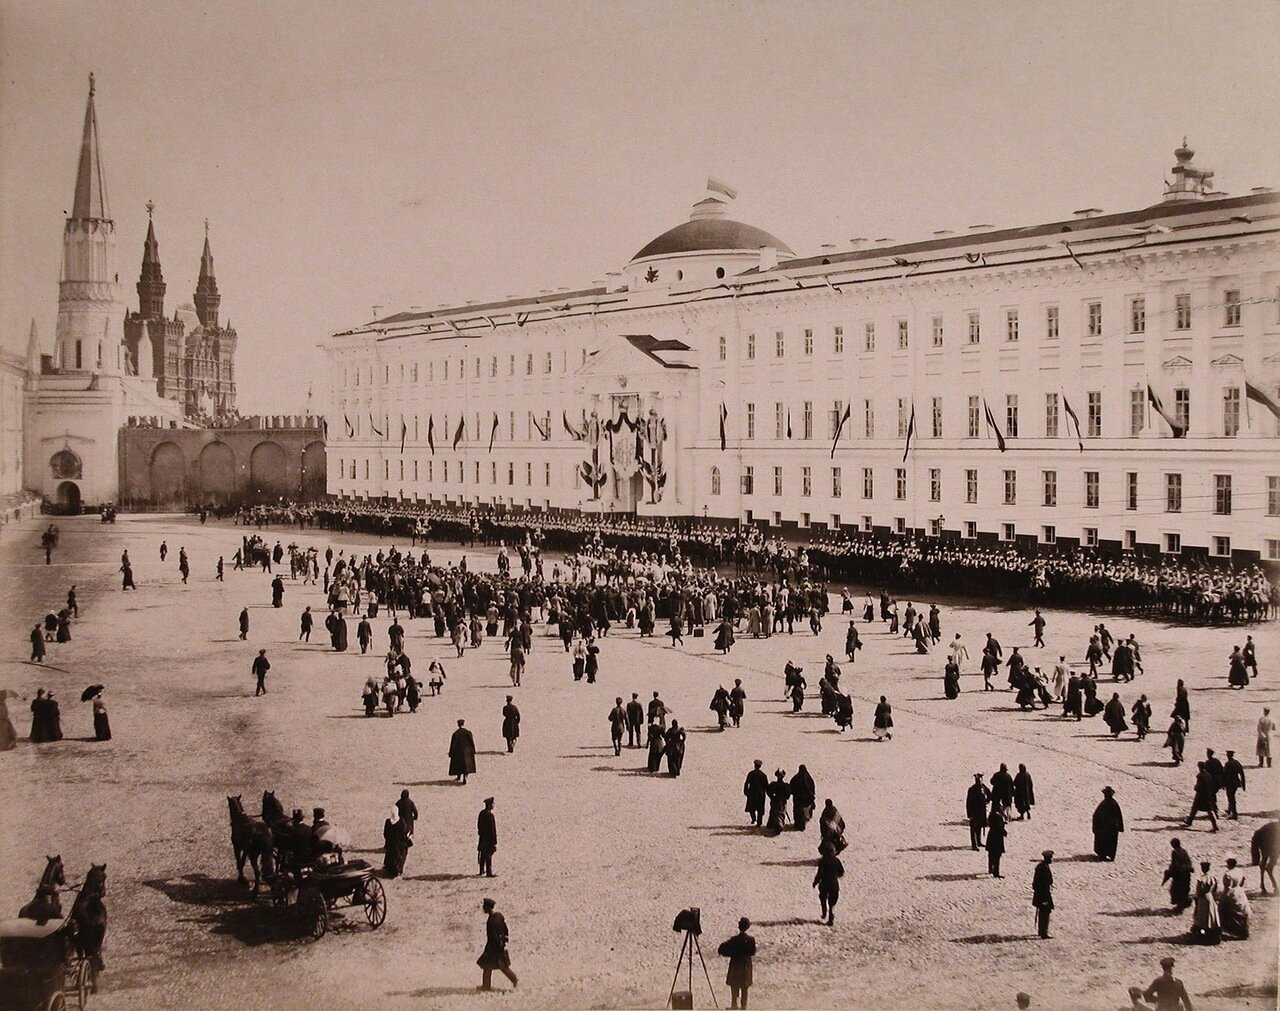 Хоры трубачей кавалергардского и конногвардейского полков перед зданием Сената; в центре, у середины фронтагенерал-адъютанты, обер-церемониймейстеры, герольды, церемониймейстеры, сенатские секретари на Сенатской площади